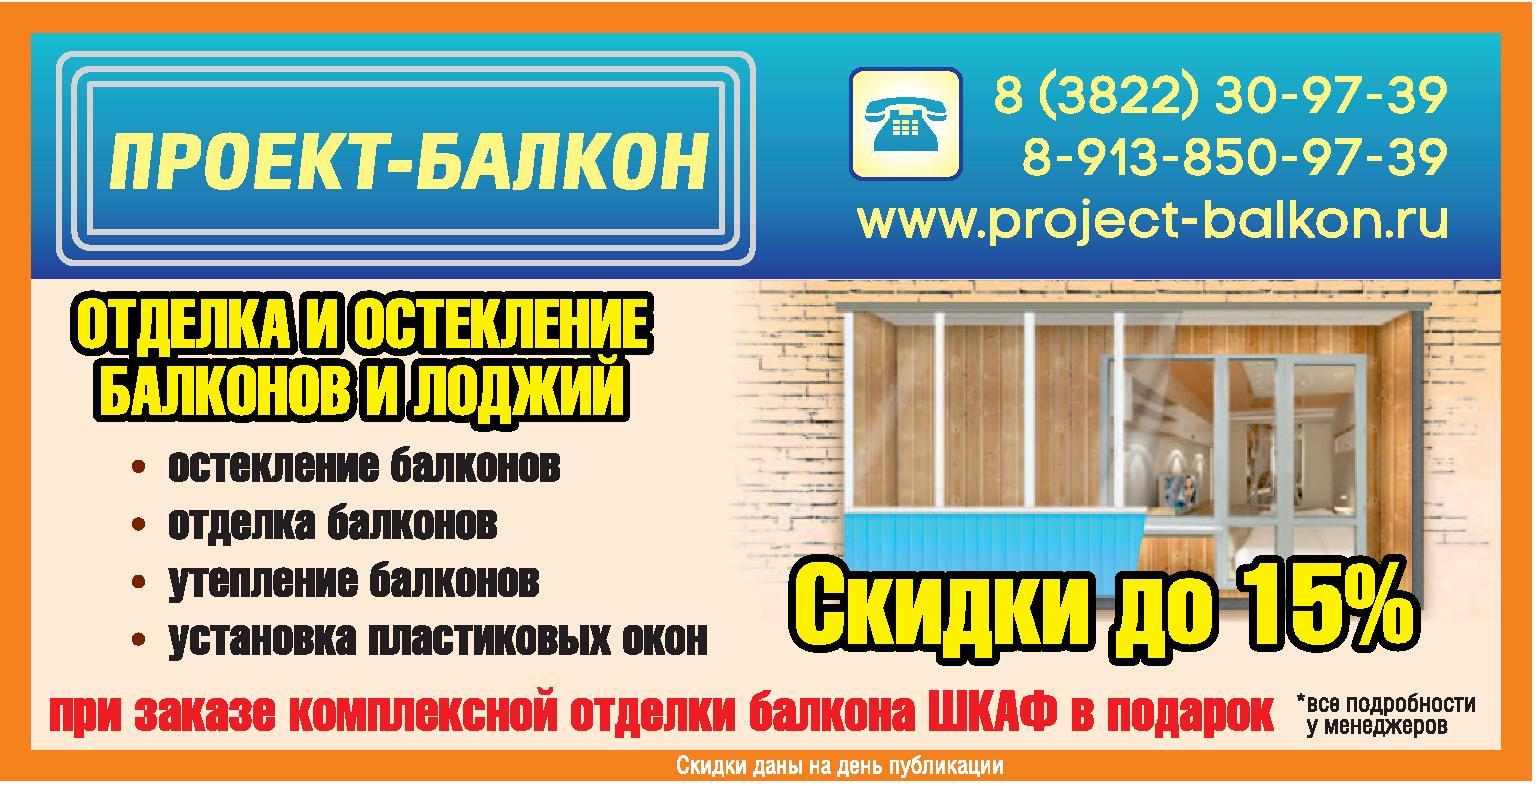 Объявления обшивка балконов..